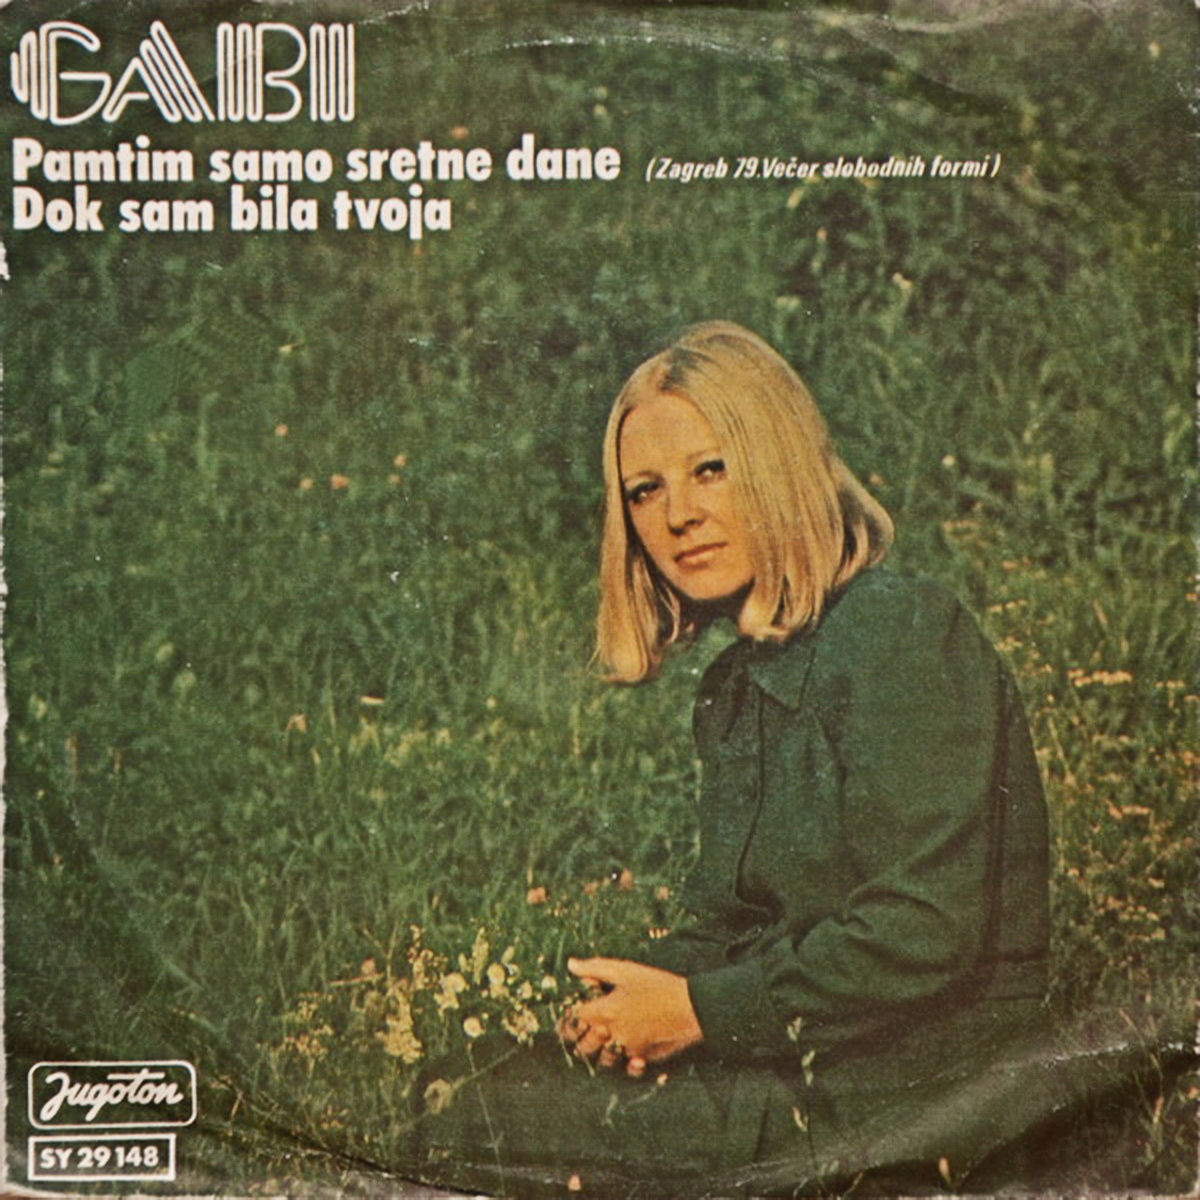 Gabi Novak 1979 Pamtim samo sretne dane a